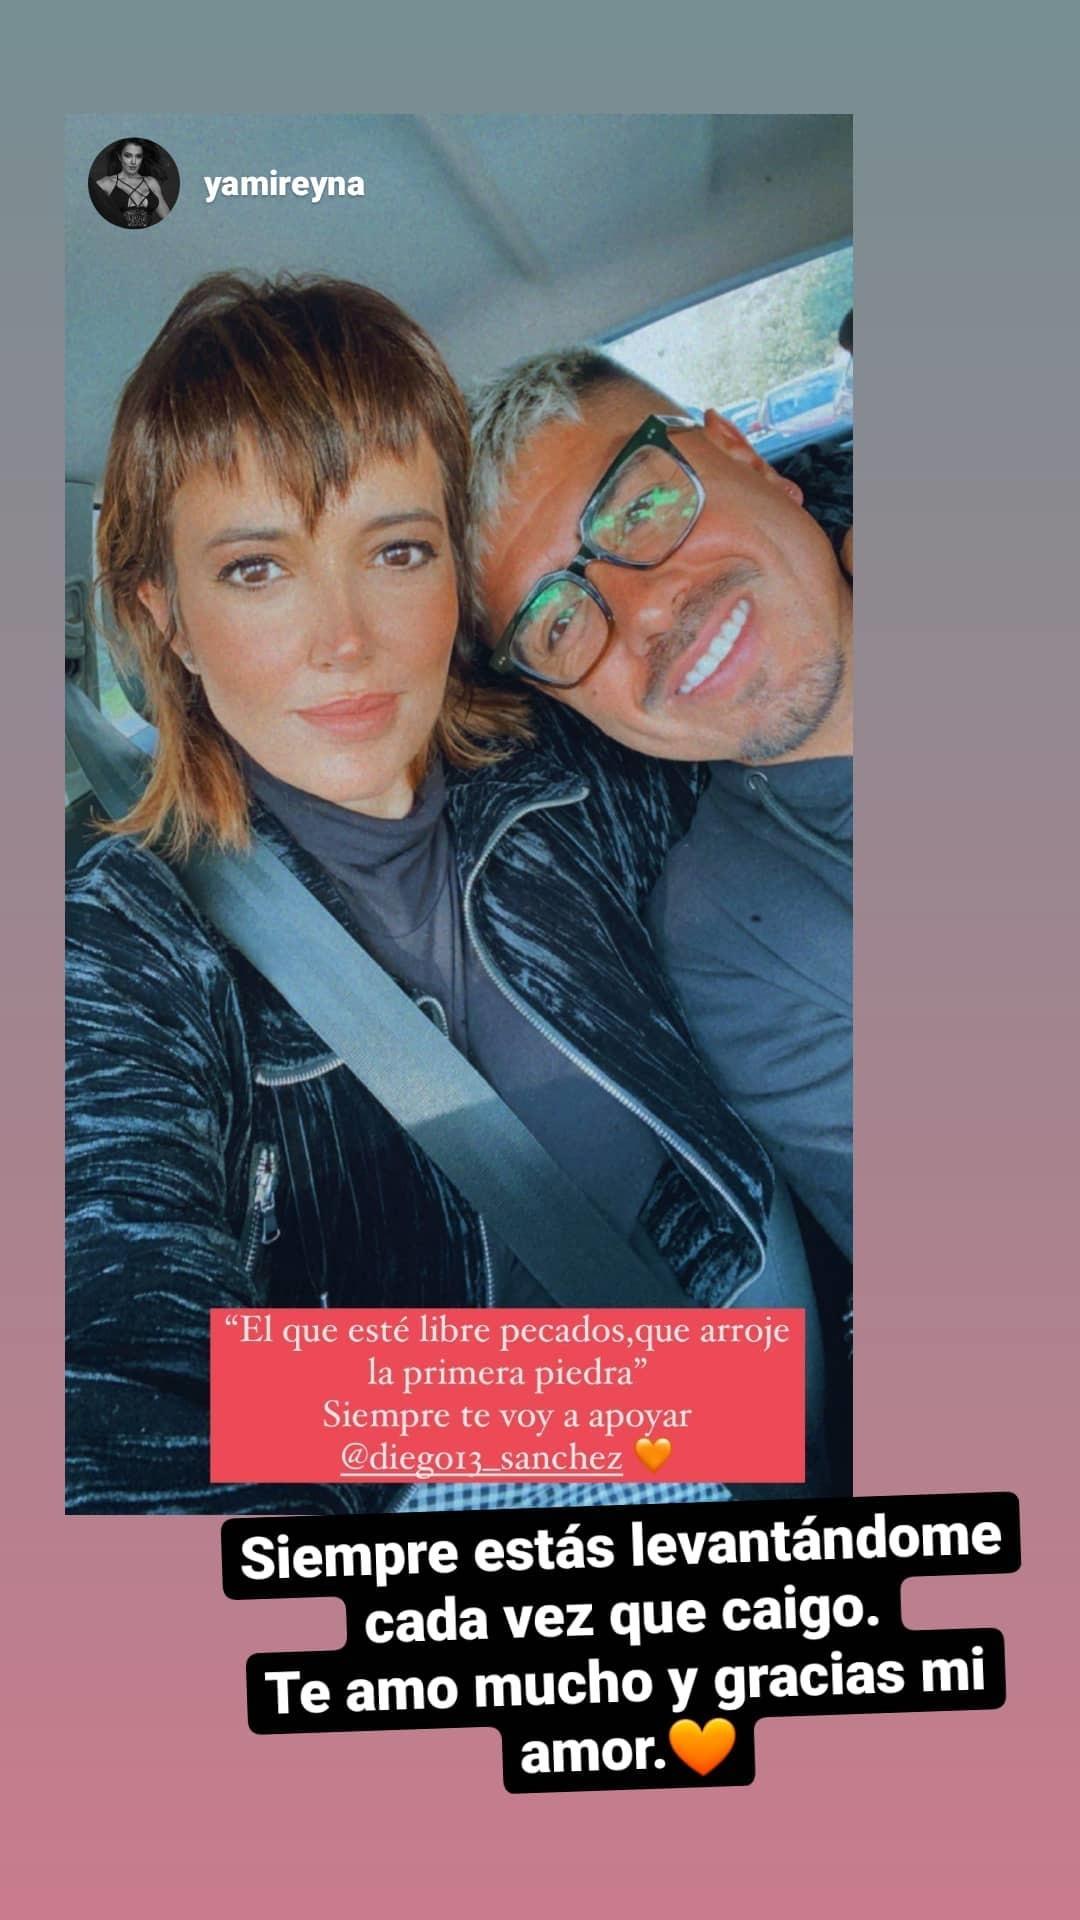 Yamila Reyna apoyo a Diego Sánchez